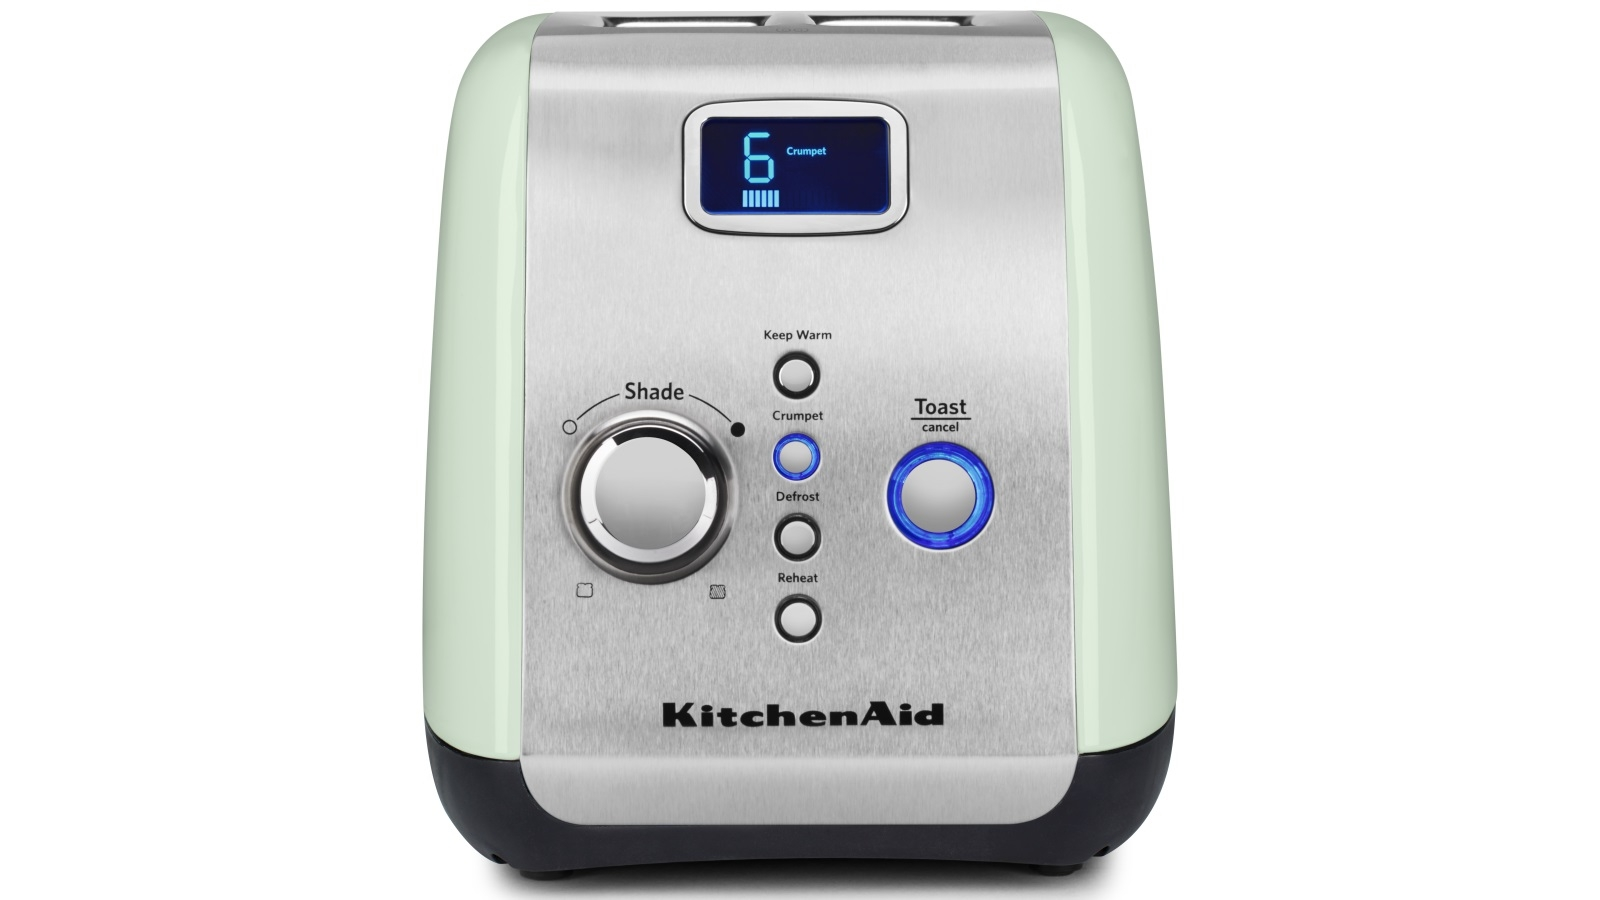 KitchenAid 2 Slice Toaster - Pistachio